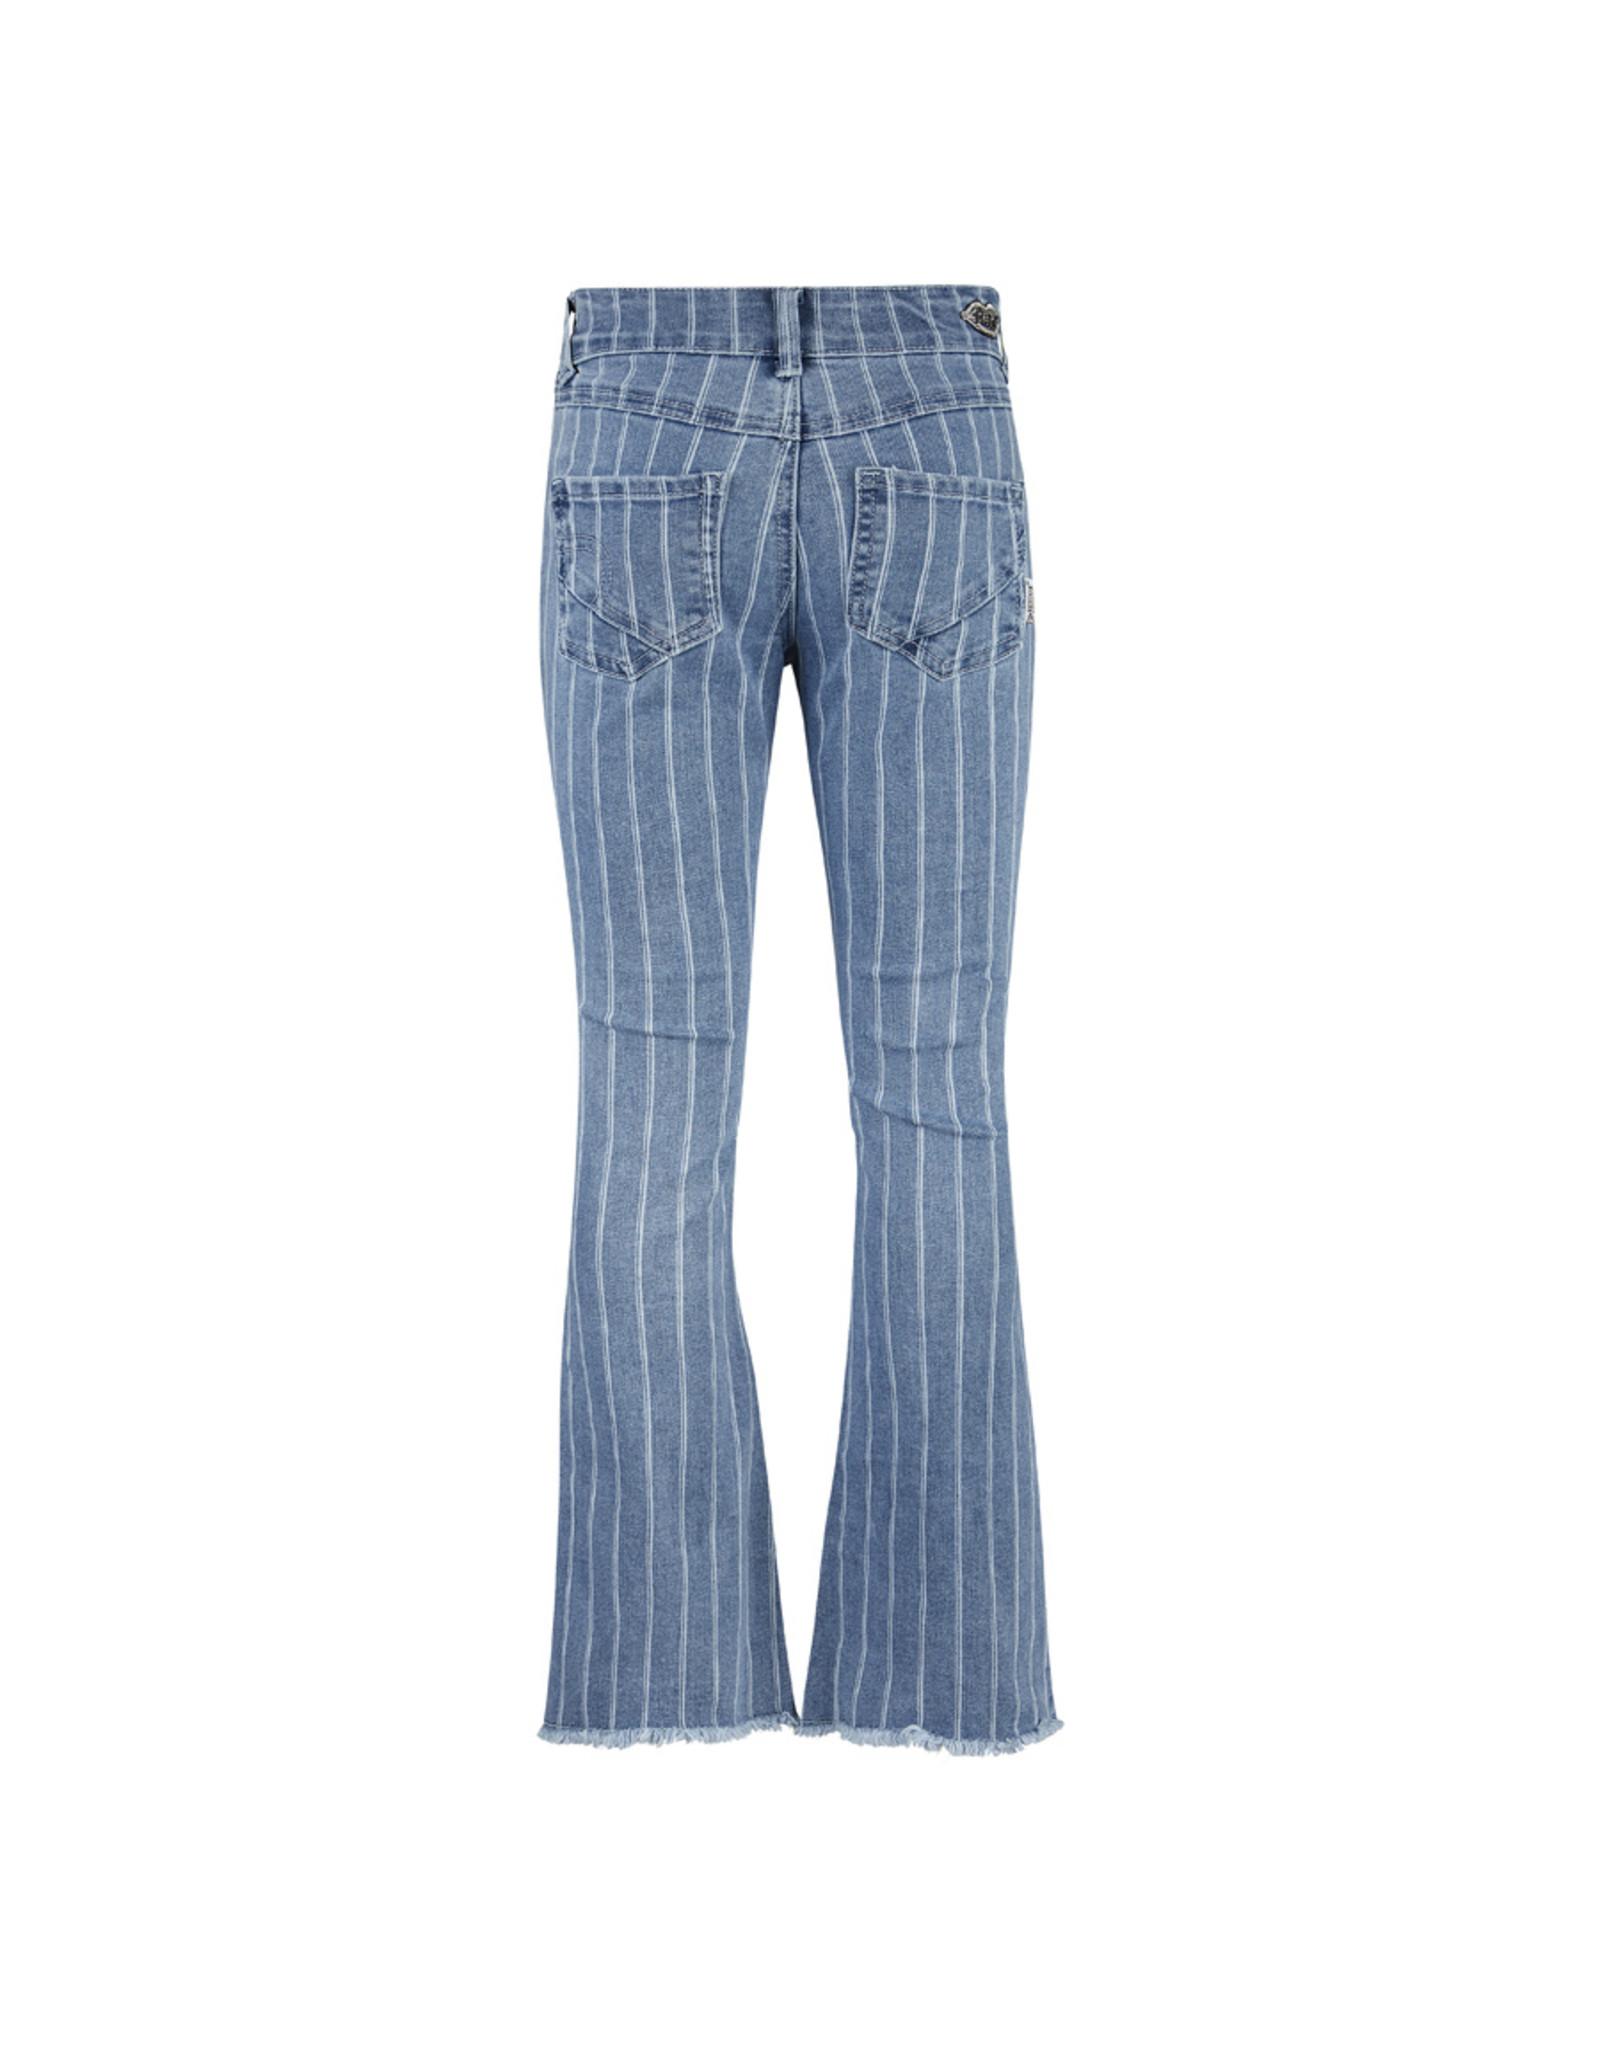 Retour Jeans Tiarra maat 6